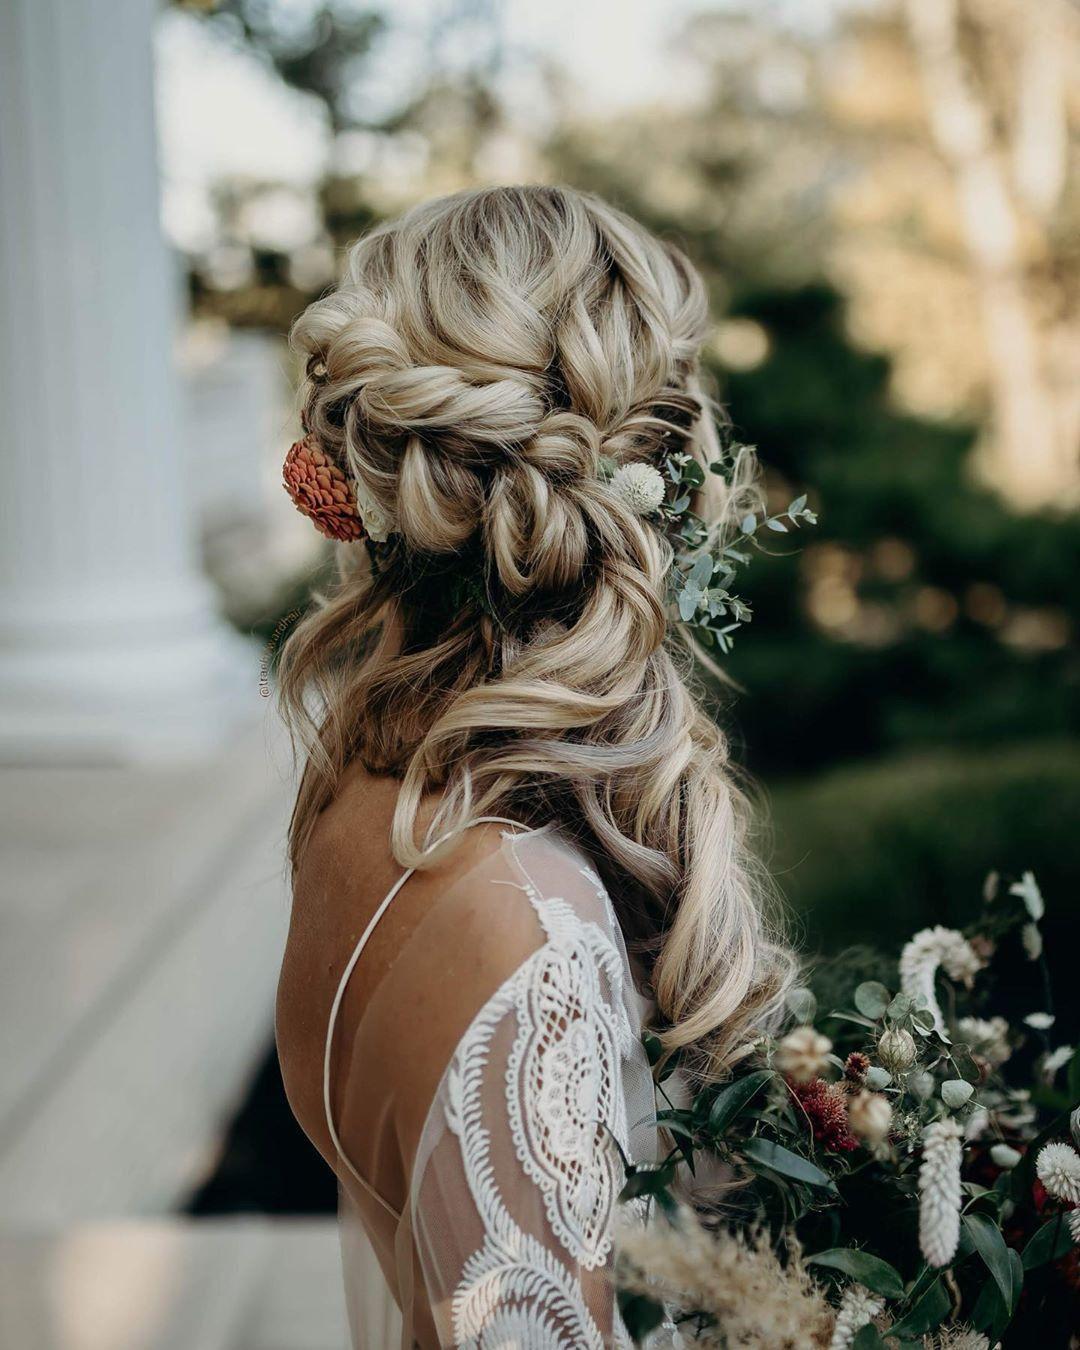 Labude Brautmode Koln Boho Bridal Hairstyle Half Updo For Cool Brides In 2020 Brautfrisur Flechtfrisuren Hochzeit Frisur Hochzeit